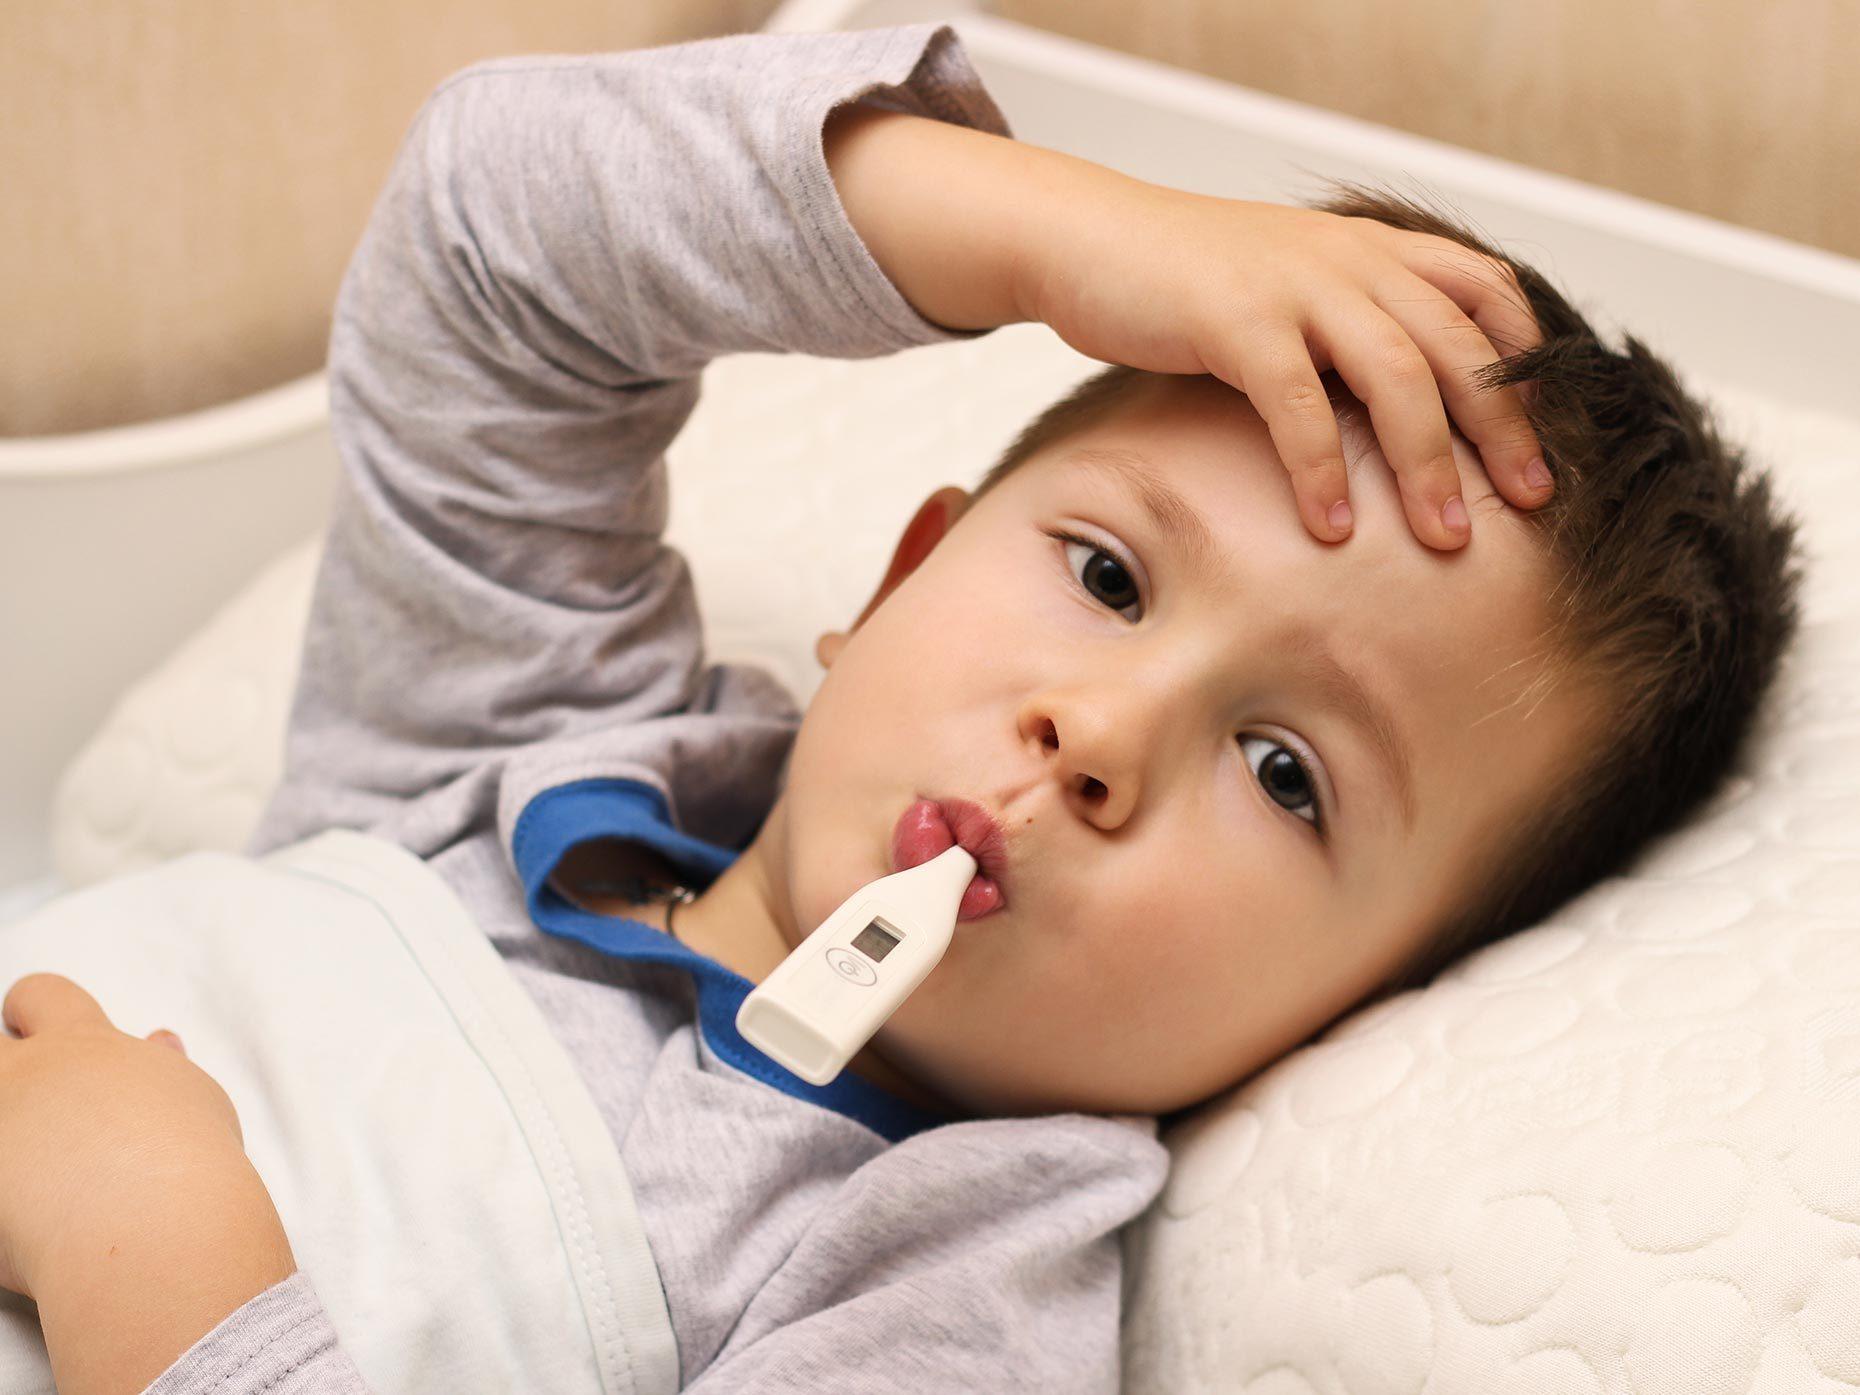 bambino con termometro in bocca si tocca la fronte